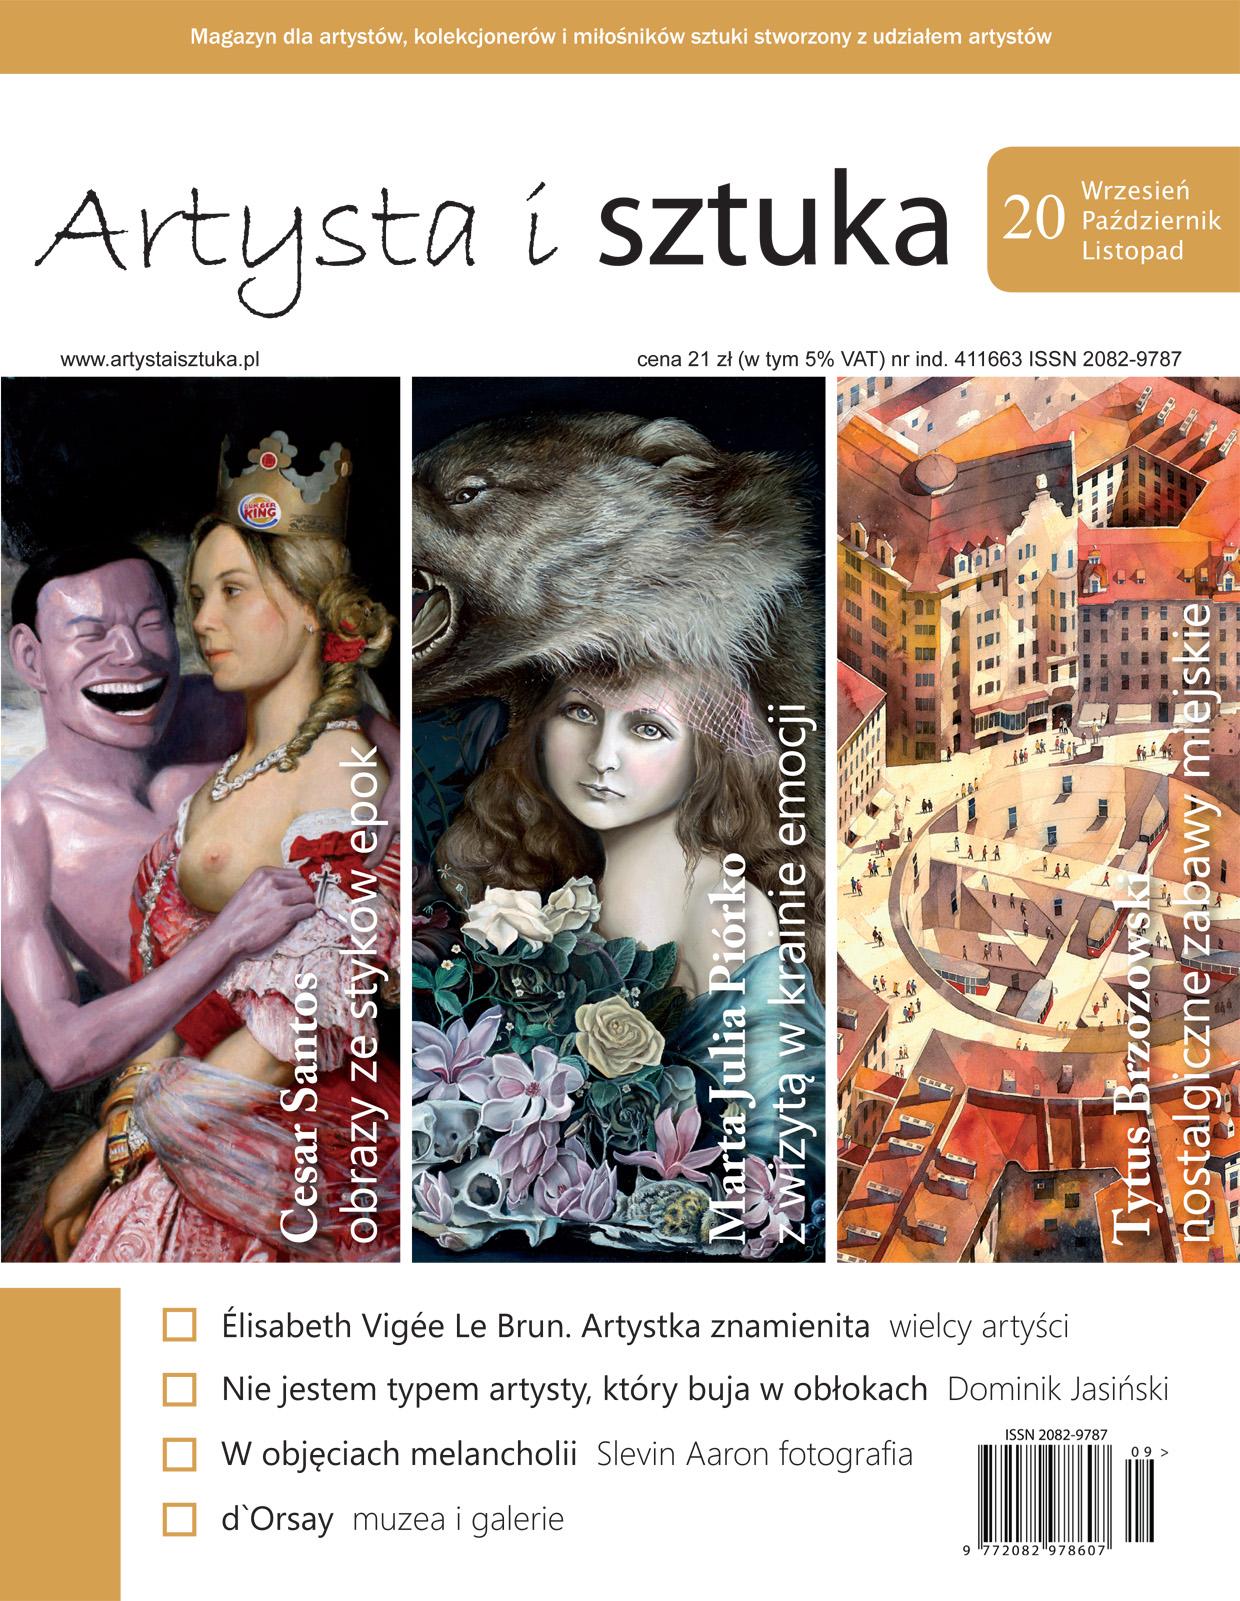 Okładka 20 Artysta i Sztuka nr #20